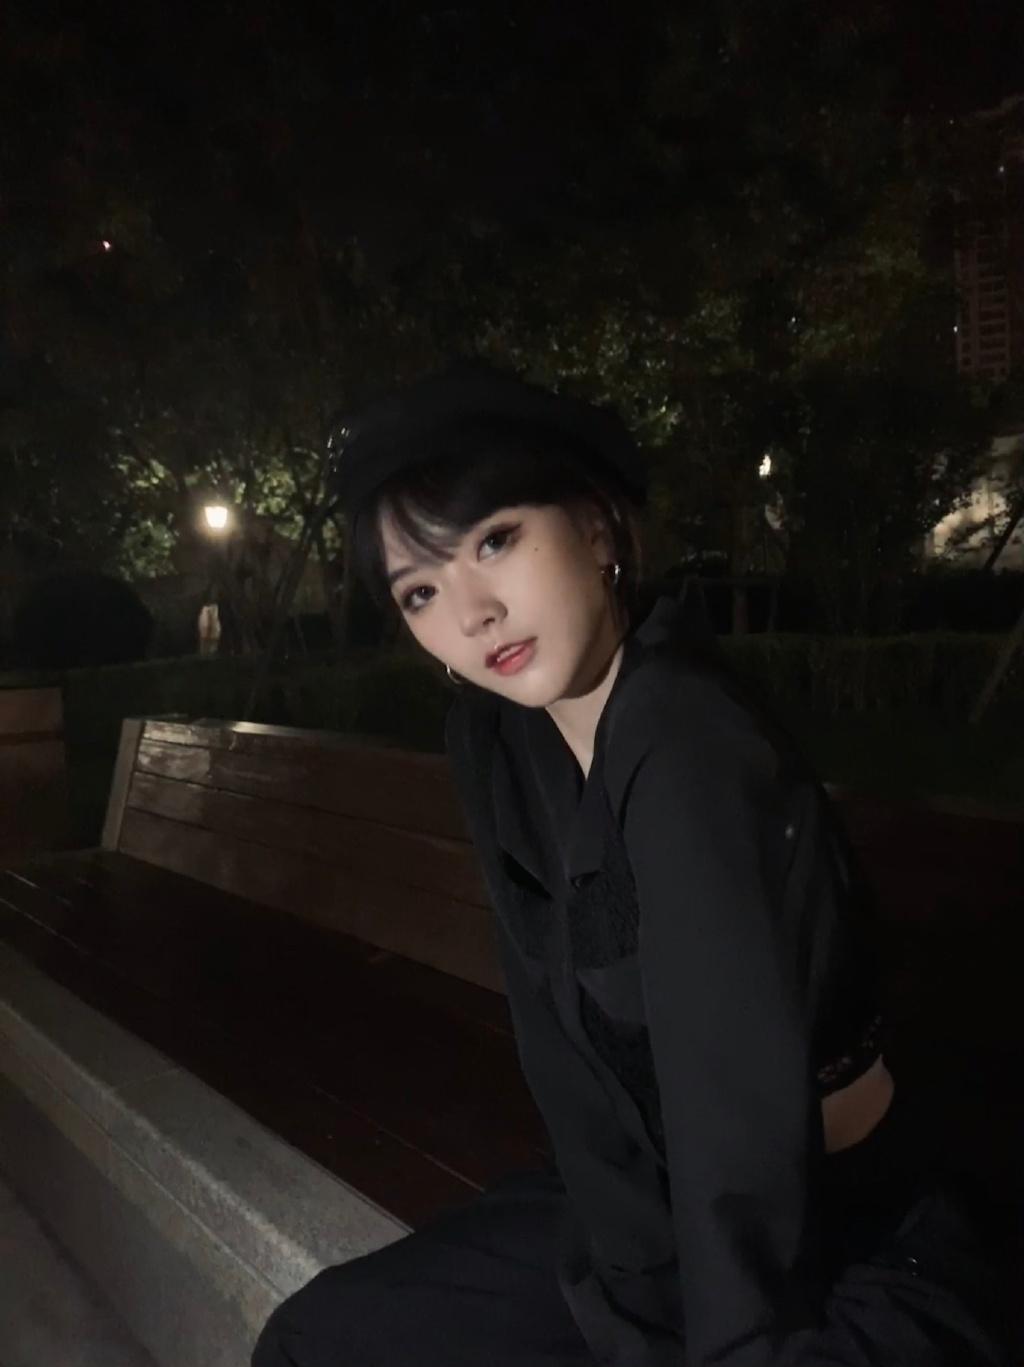 抖音爆紅「擁三千萬粉絲」!正妹網紅自爆:被團隊拋棄